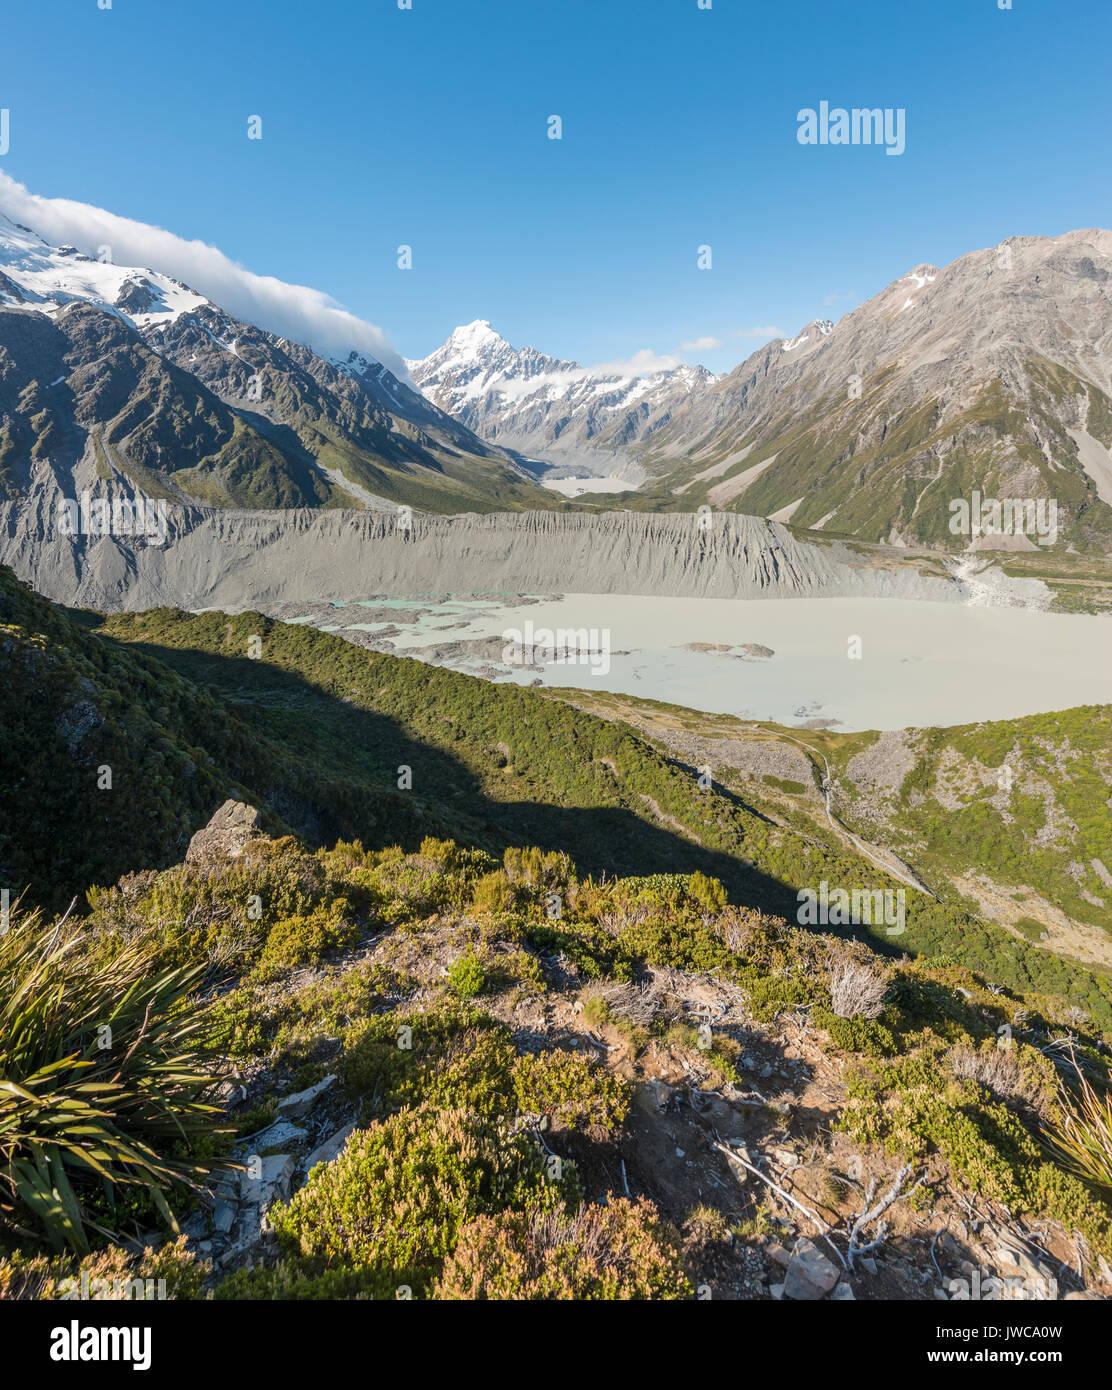 Vista del lago glaciale del lago di Mueller, posteriore Mount Cook, il Parco nazionale di Mount Cook, Alpi del Sud, Hooker Valley, Canterbury Immagini Stock